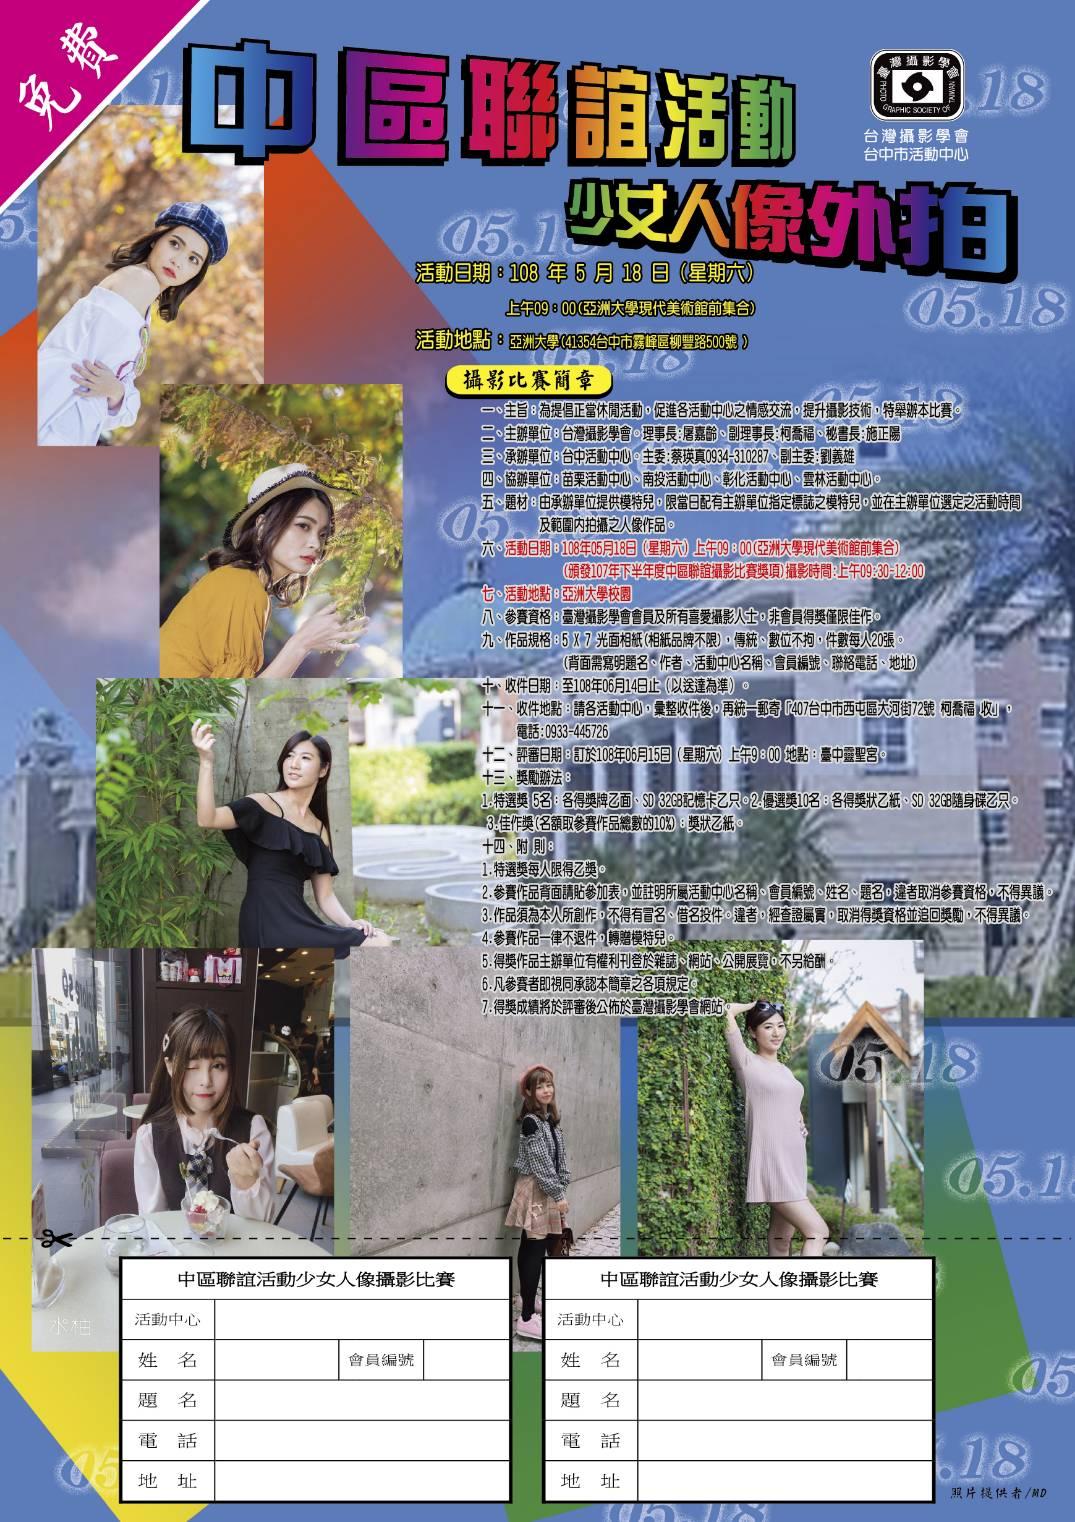 台灣攝影學會台中市活動中心「中區聯誼活動」攝影比賽